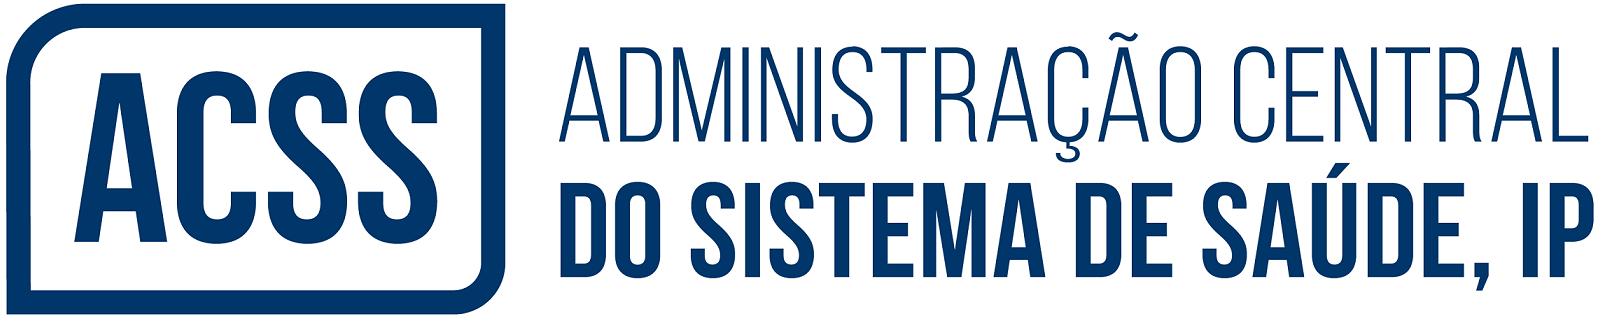 Logotipo Administração Central do Sistema de Saúde